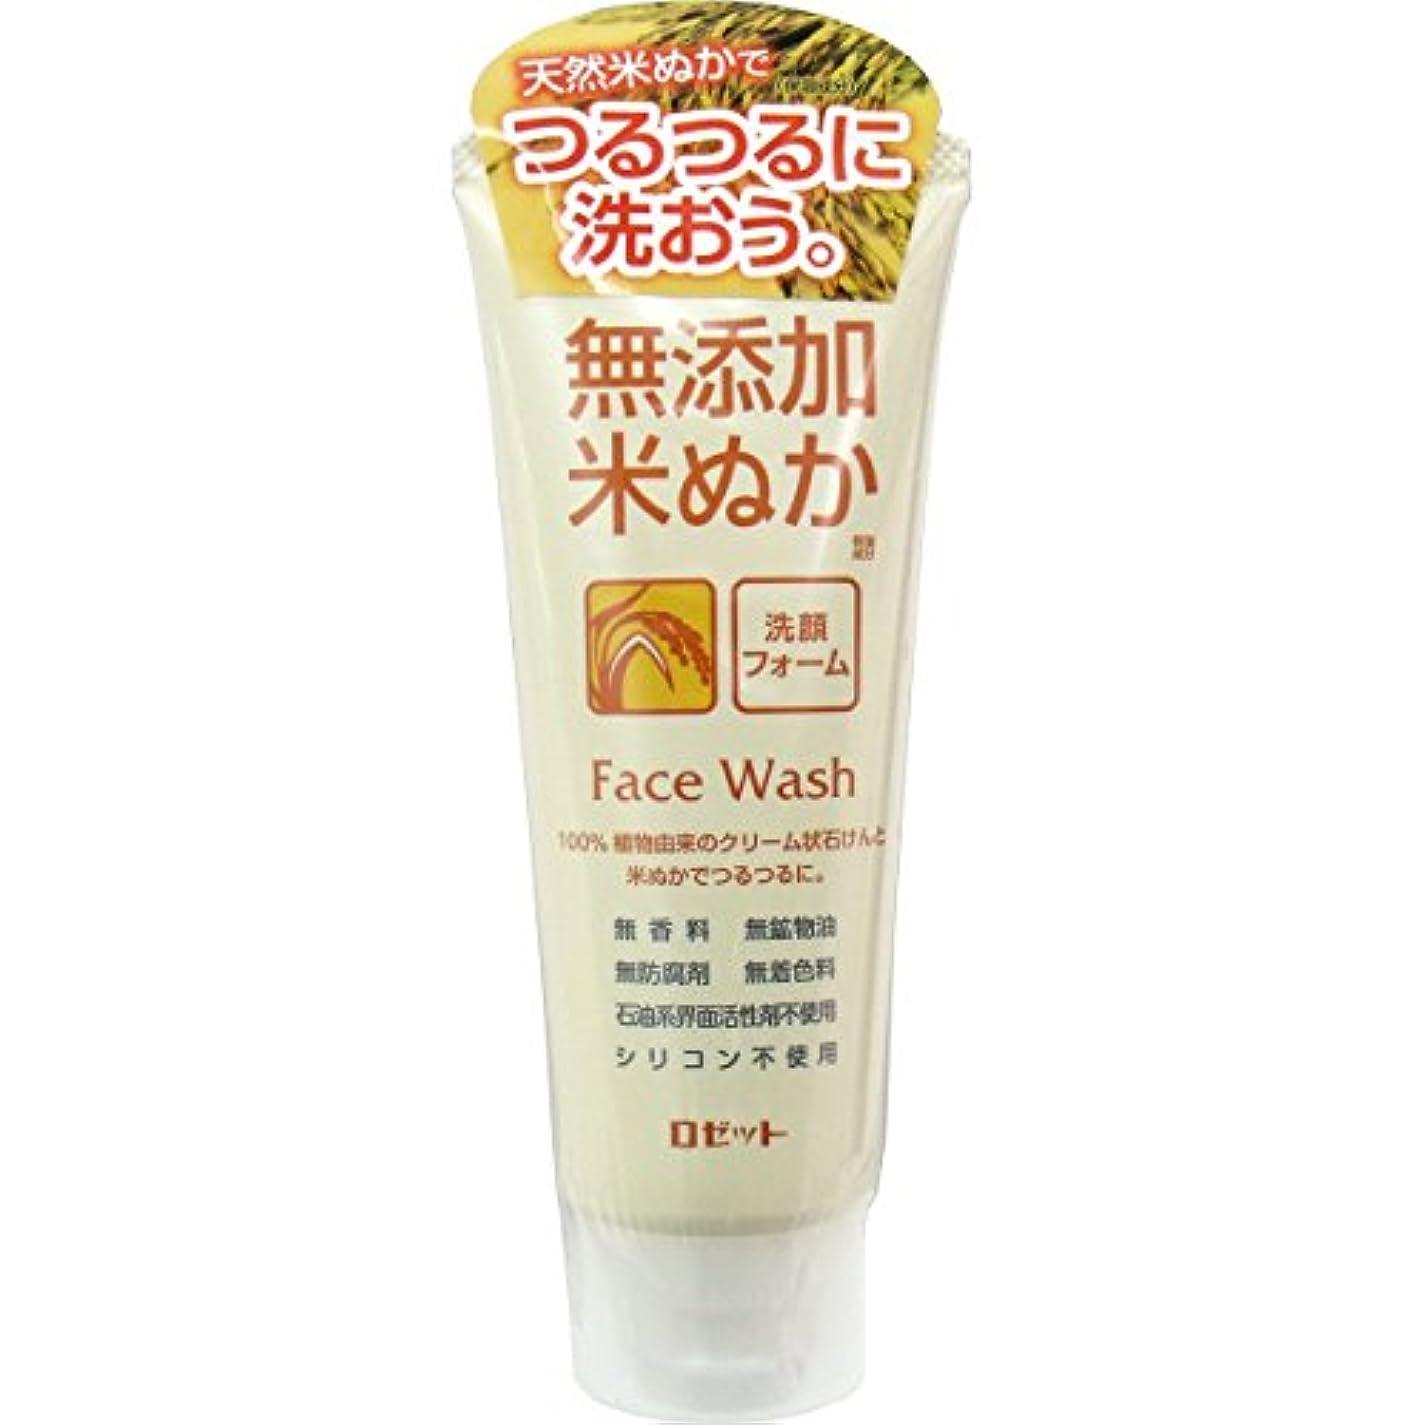 離れてマウントバンク他の場所【ロゼット】無添加米ぬか洗顔フォーム 140g ×10個セット